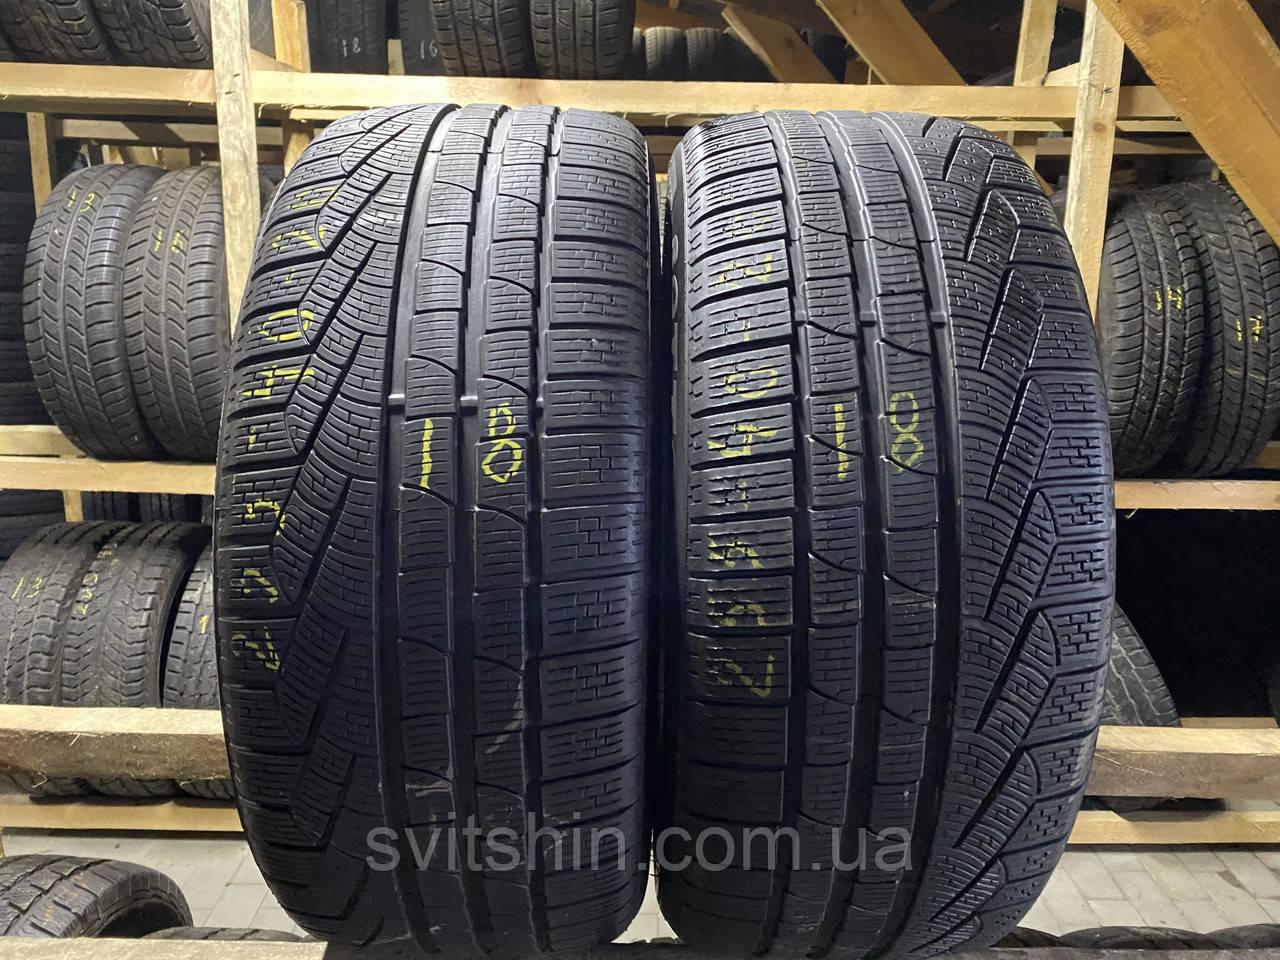 Шини бу зима 255/40R20 101V Pirelli Sottozero 210 6мм 18рік